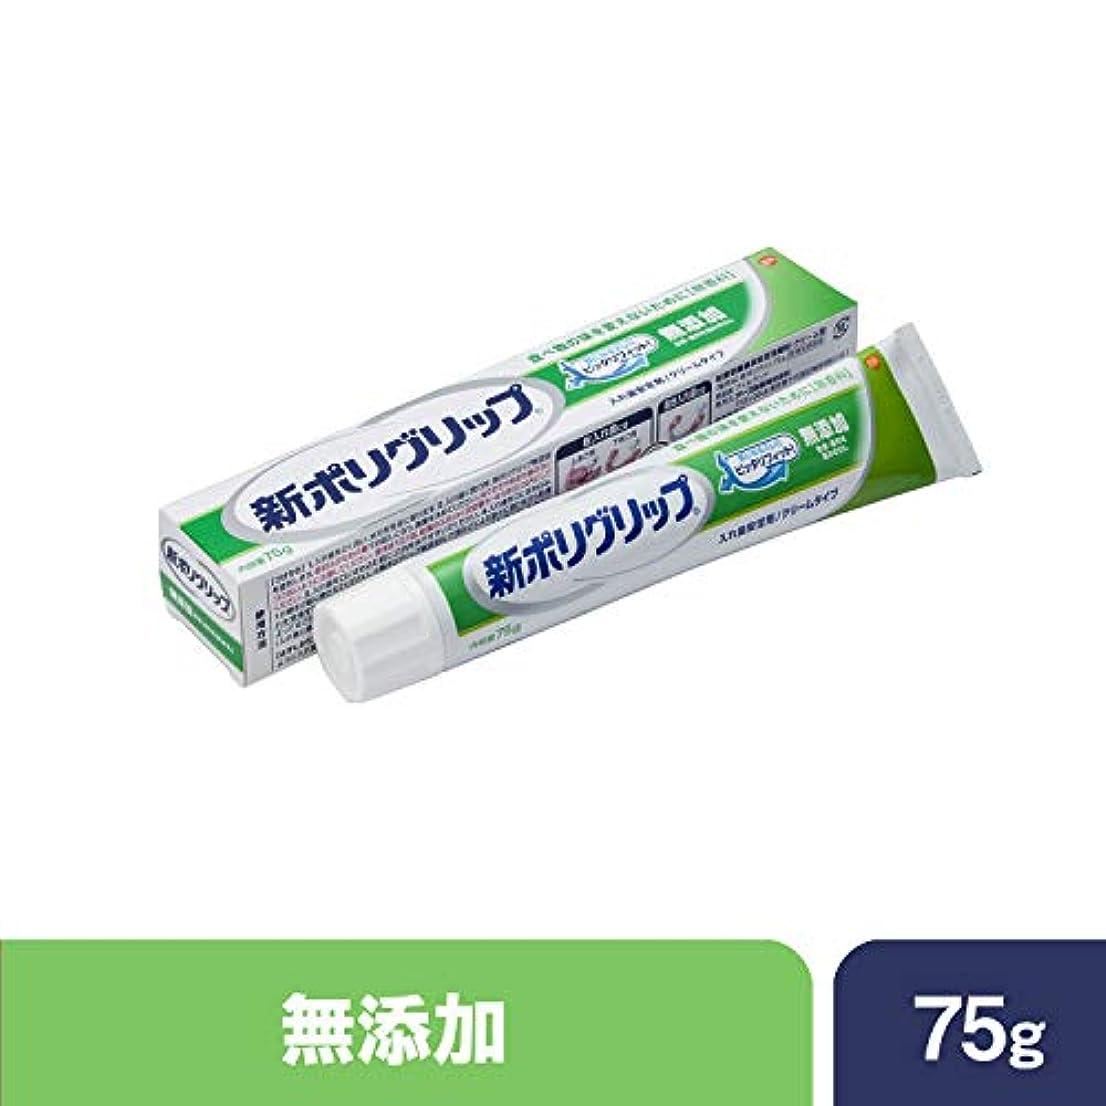 等価断片定説部分?総入れ歯安定剤 新ポリグリップ 無添加(色素?香料を含みません) 75g